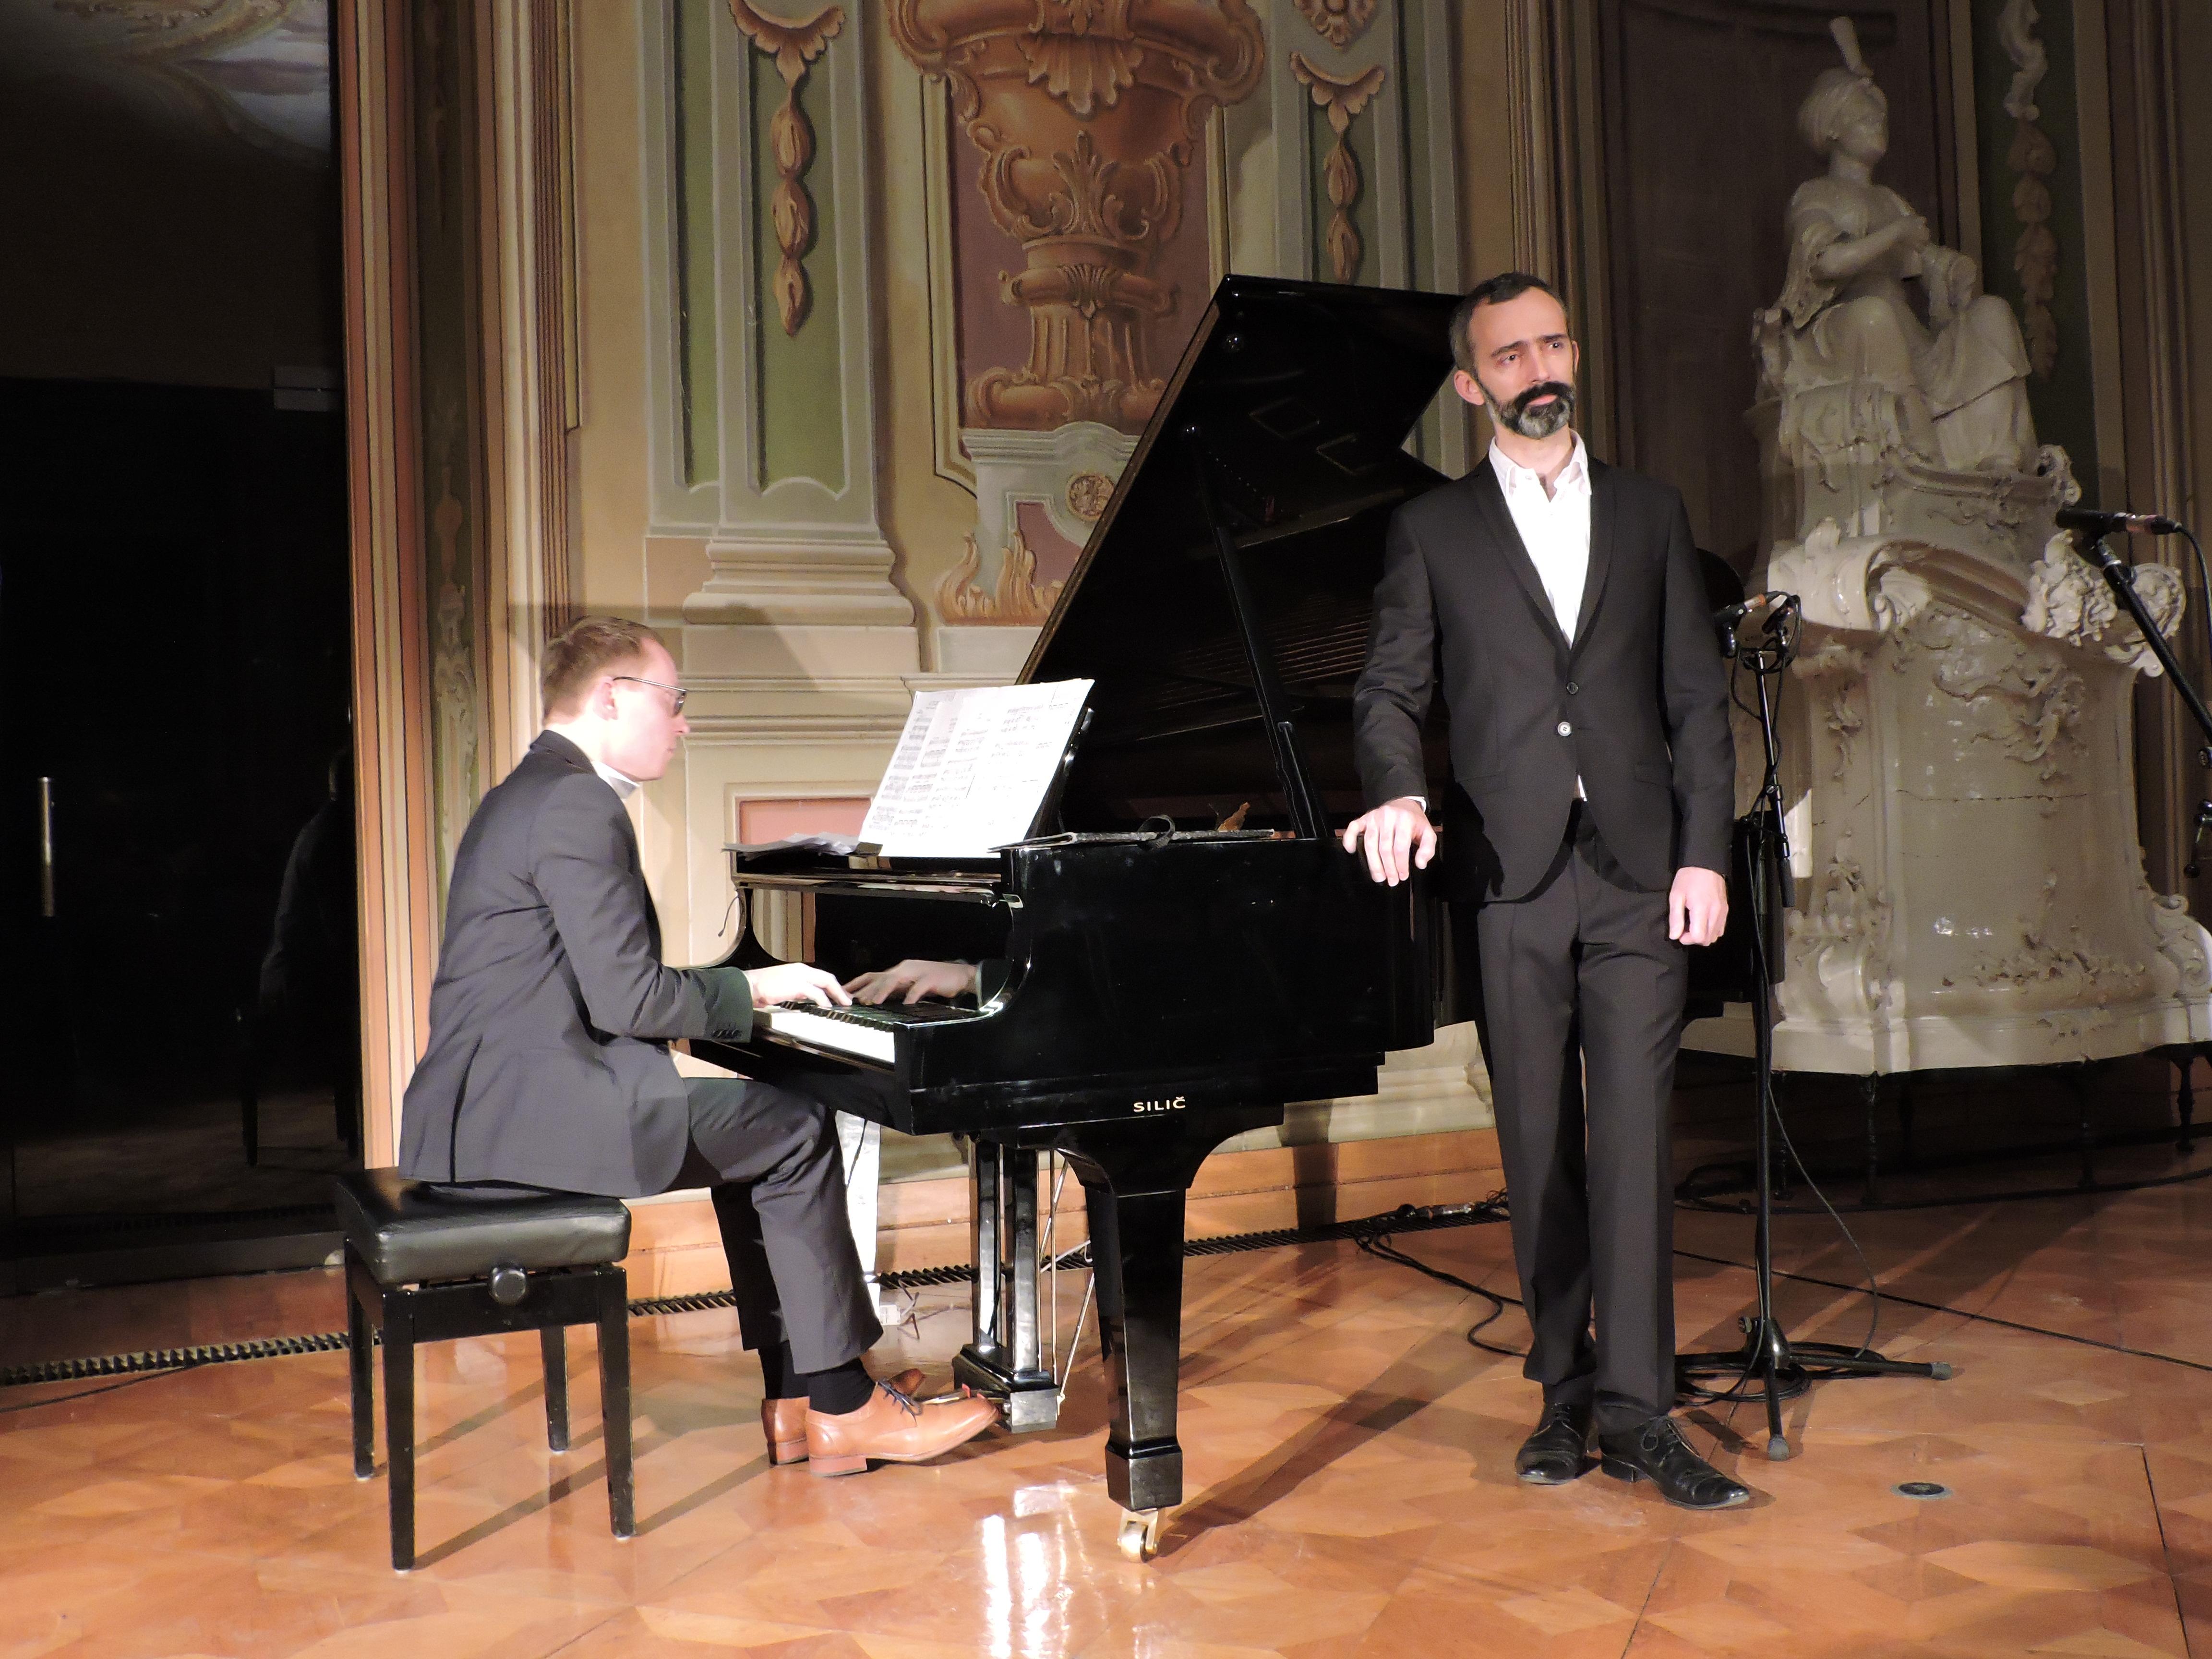 Nejc Lavrenčič & Alejandro Gabor